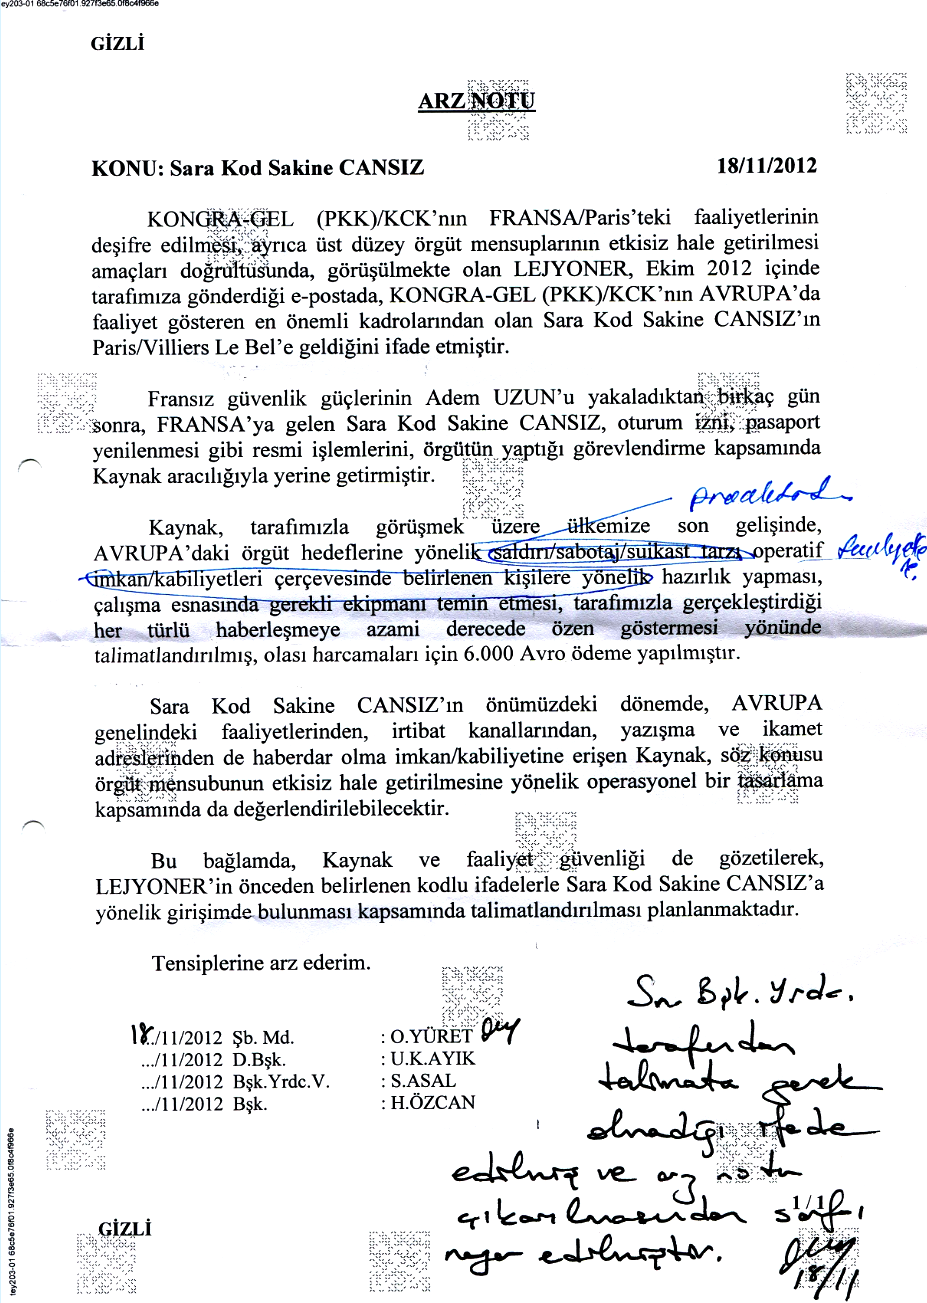 Εσωτερικό έγγραφο της ΜΙΤ με διαβάθμιση «Απόρρητο» και ημερομηνία 18/11/2012: Αναφέρει πληροφορίες για τη Sakine Cansiz με βάση πηγή στο Παρίσι που φέρει την κωδική ονομασία «λεγεωνάριος», στον οποίο δόθηκε εντολή «έναρξης της επιχείρησης» και καταβλήθηκαν €6.000 για τις προετοιμασίες της «επιχείρησης». Στους 4 υπογράφοντες βρίσκεται το όνομα του επιχειρησιακού διοικητή της ΜΙΤ, Uğur Kaan Ayık.